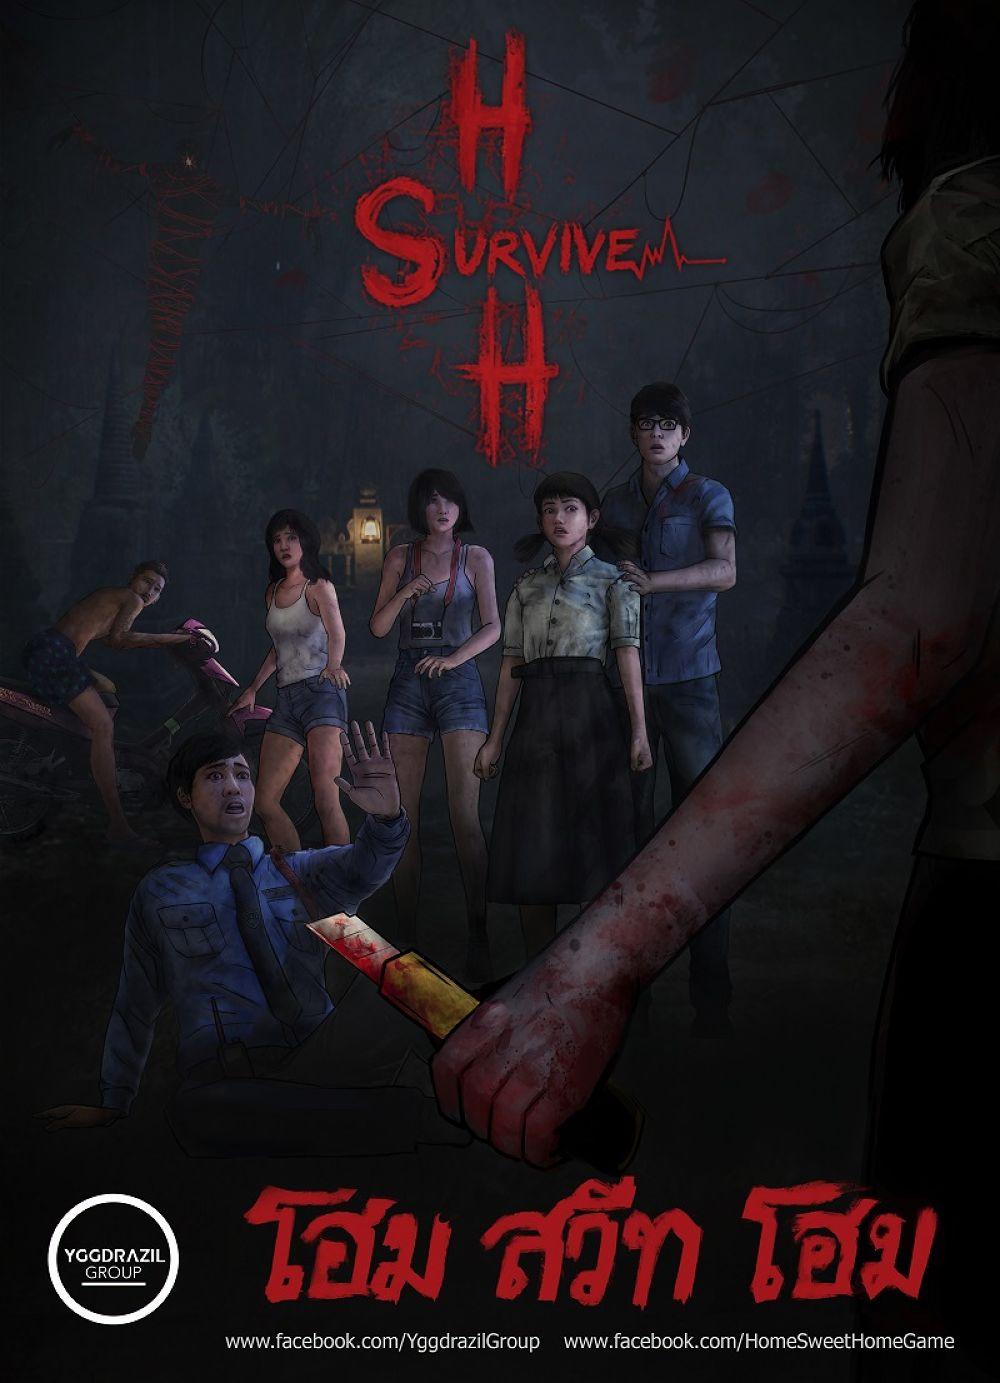 Home Sweet Home: Survive เกมสยองขวัญฝีมือคนไทยในรูปแบบเอาชีวิตรอด !! - เกม มือถือใหม่ๆ เกมมือถือน่าเล่น 2018 เกมมือถือไม่ใช่เน็ต SoraMix